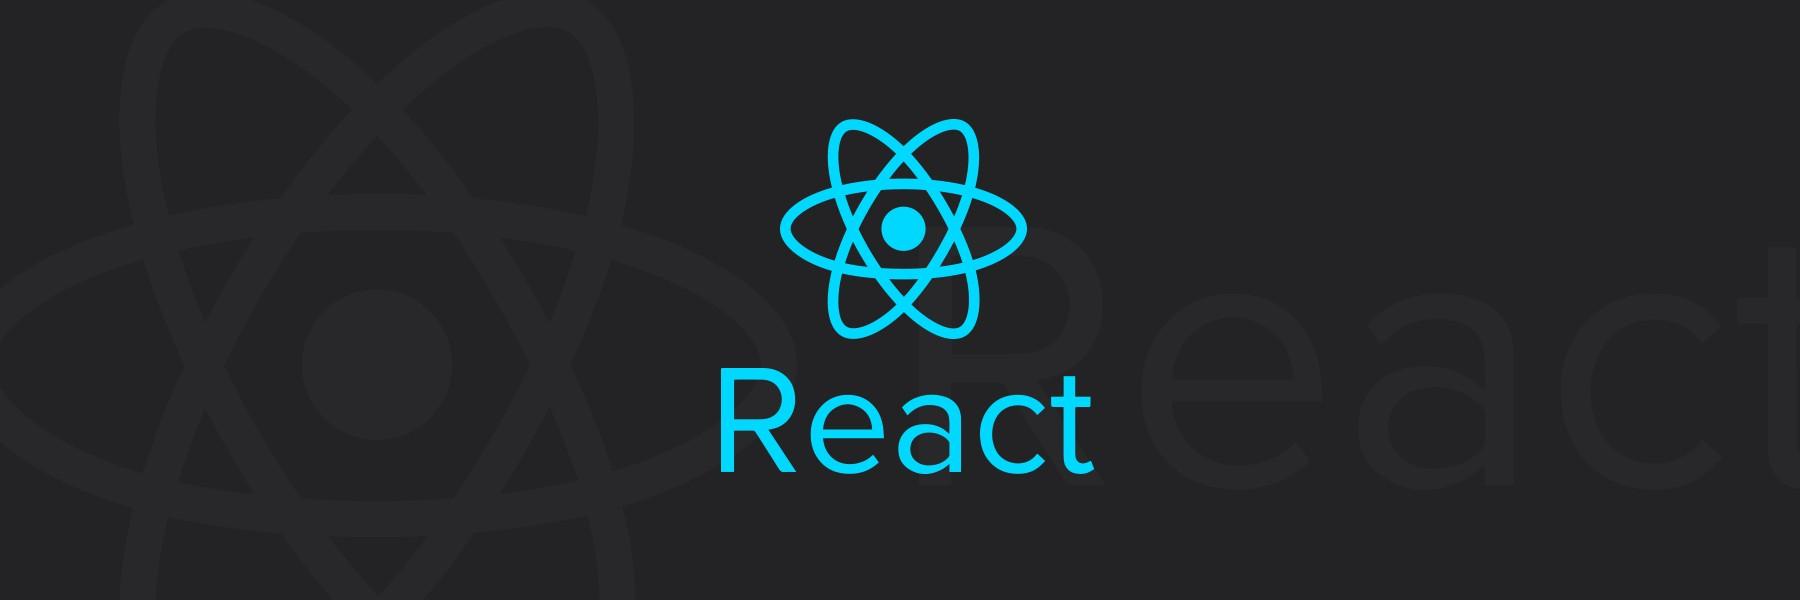 React学習を楽にしてくれるJavaScriptでの関数型プログラミングの基礎知識